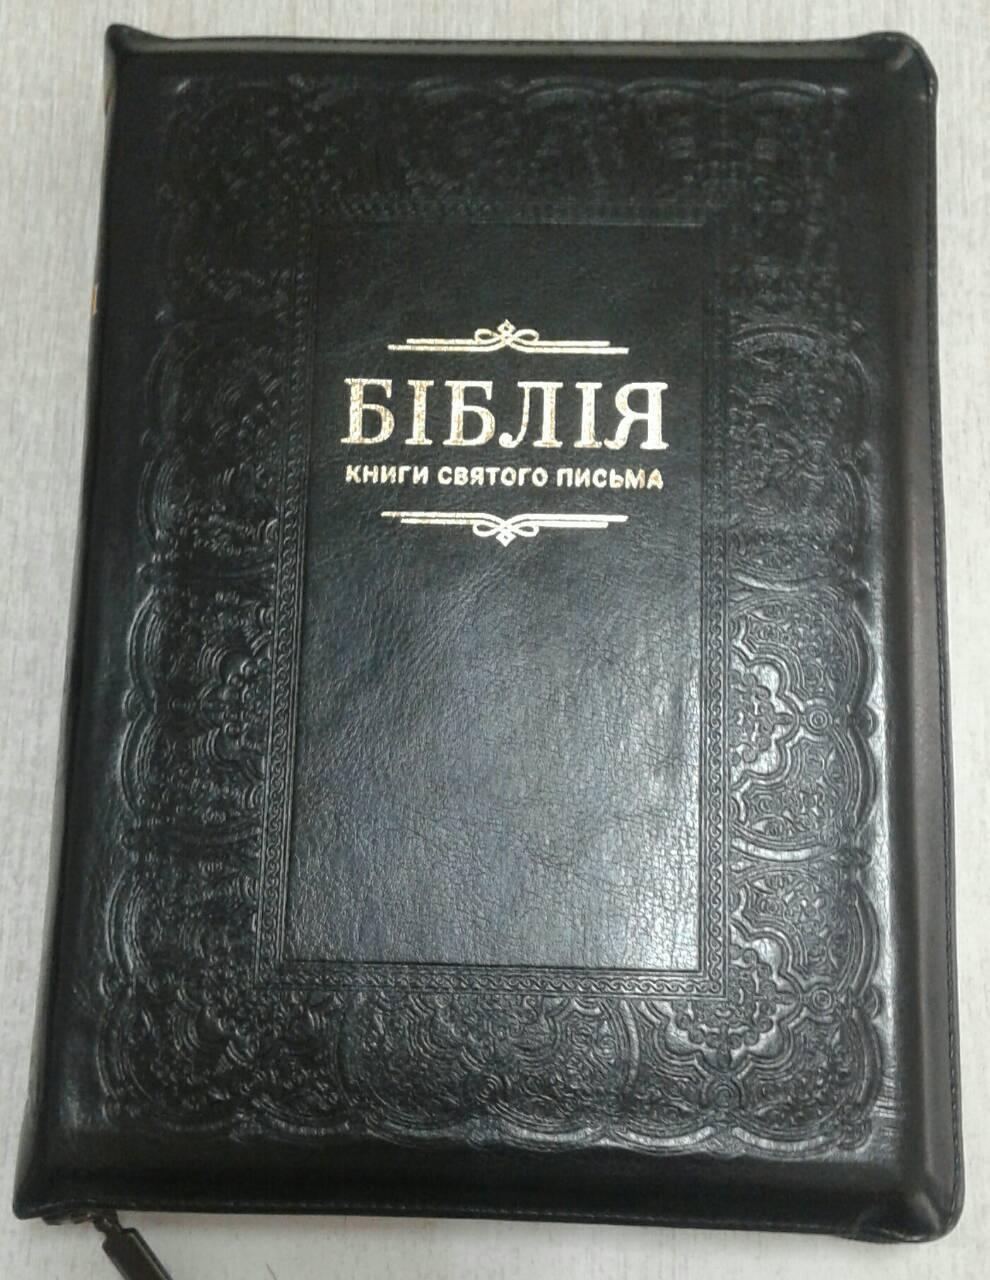 Біблія, 16х24,5 см, чорна з тисненням, замок, індекси, позолота